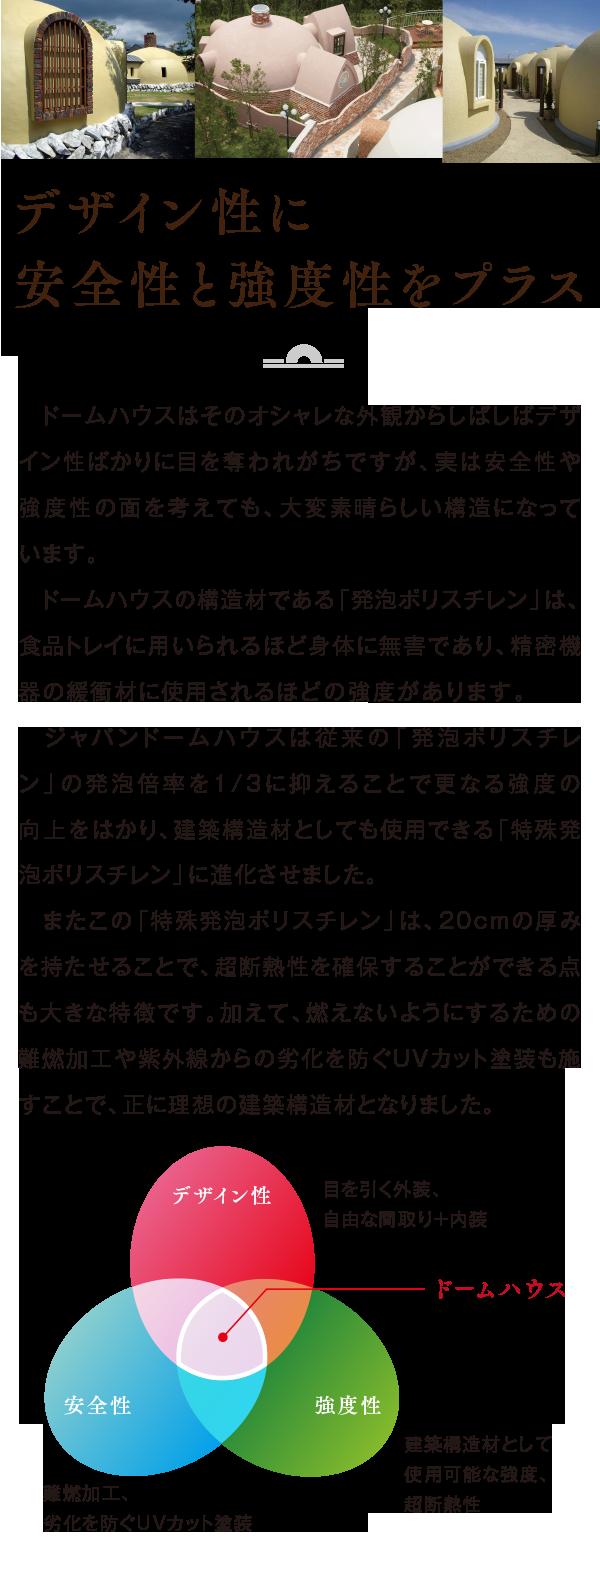 ドームハウス02(スマホ版)